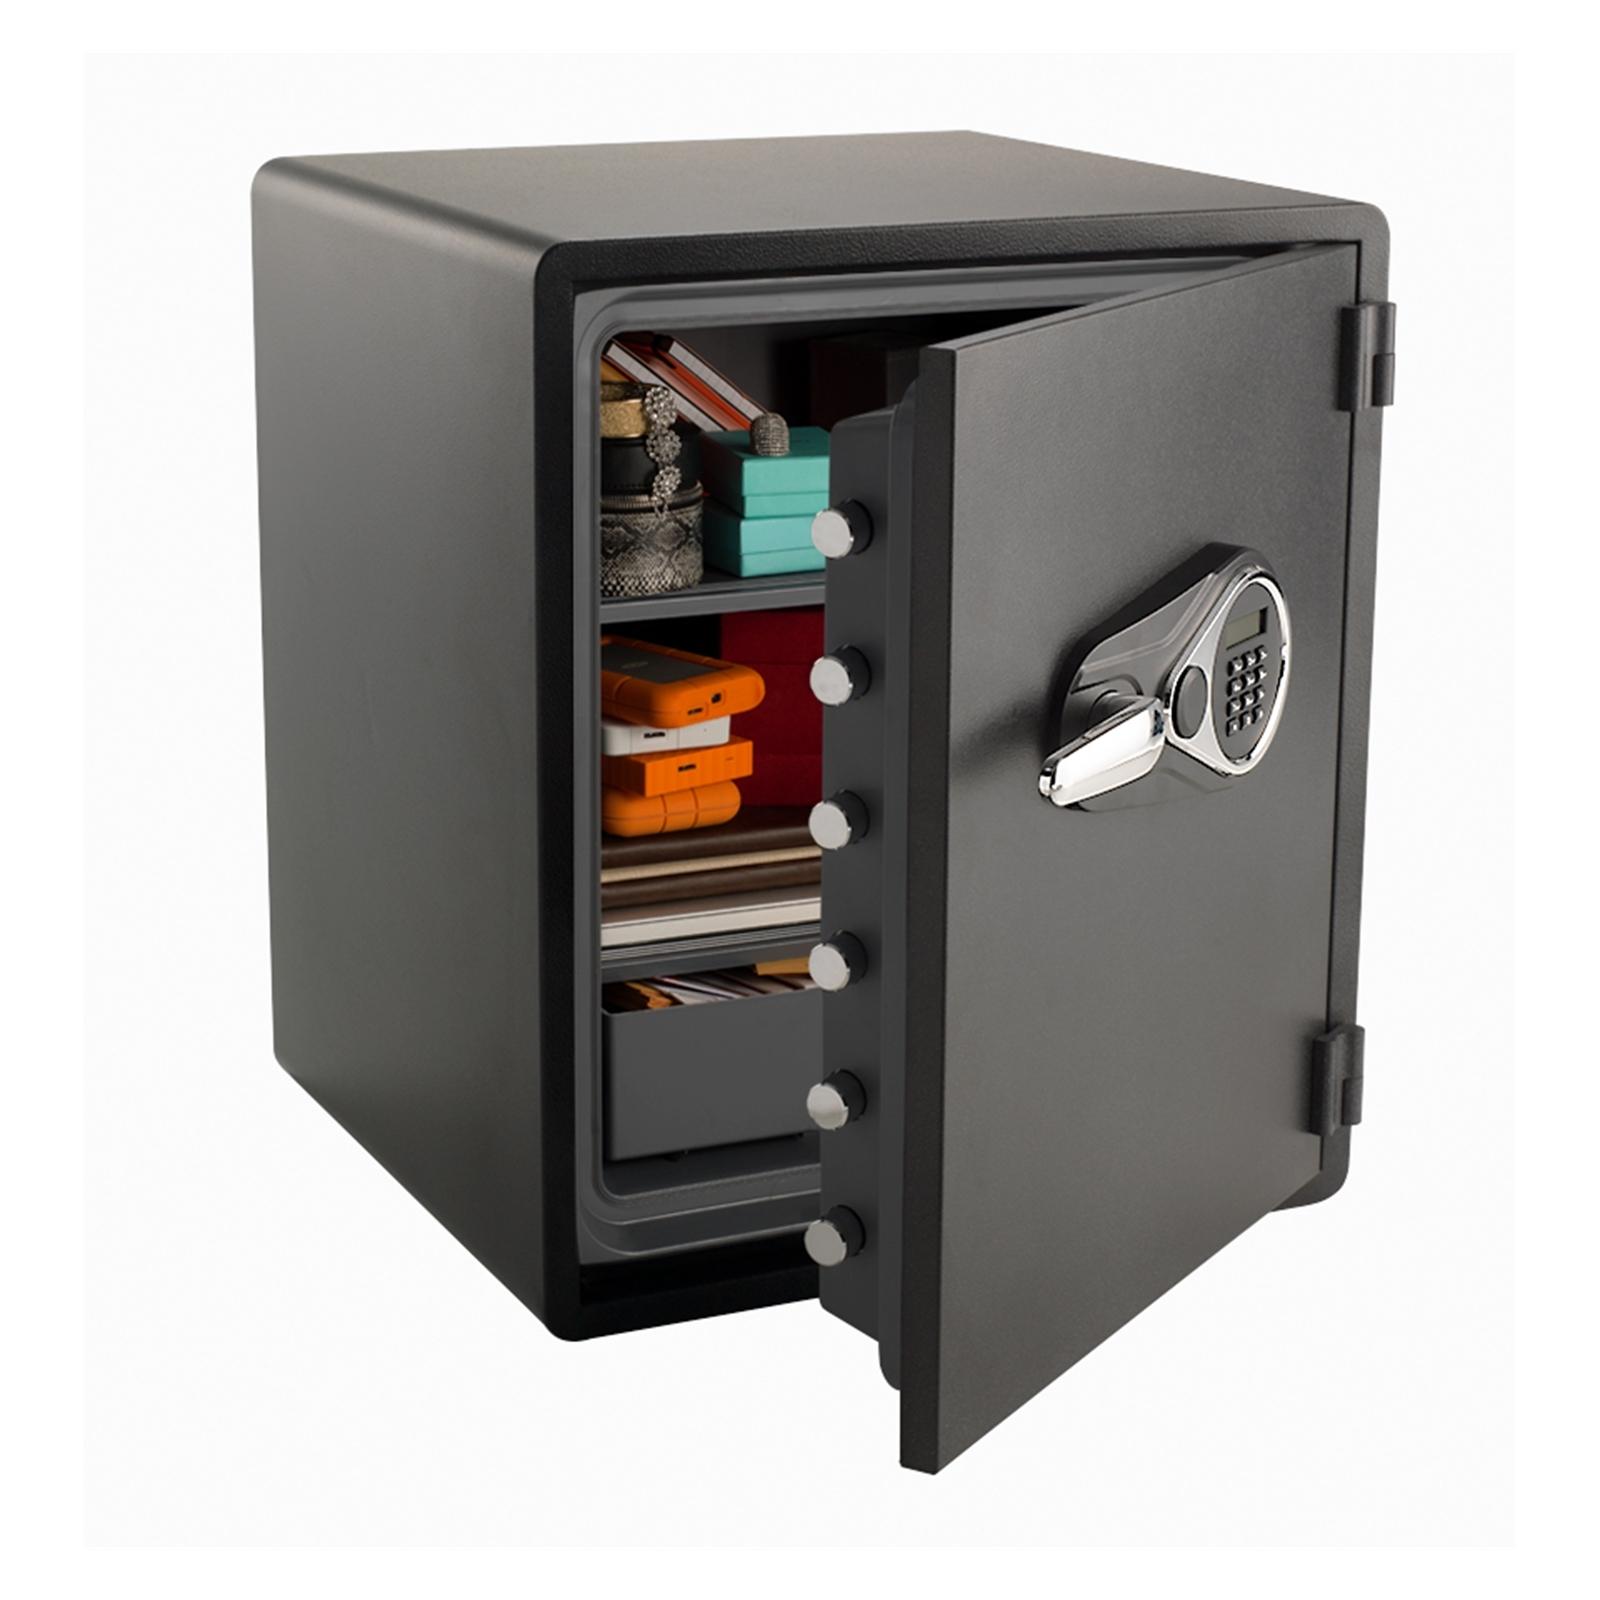 Sandleford 60L Karbon Black Fire And Waterproof Safe